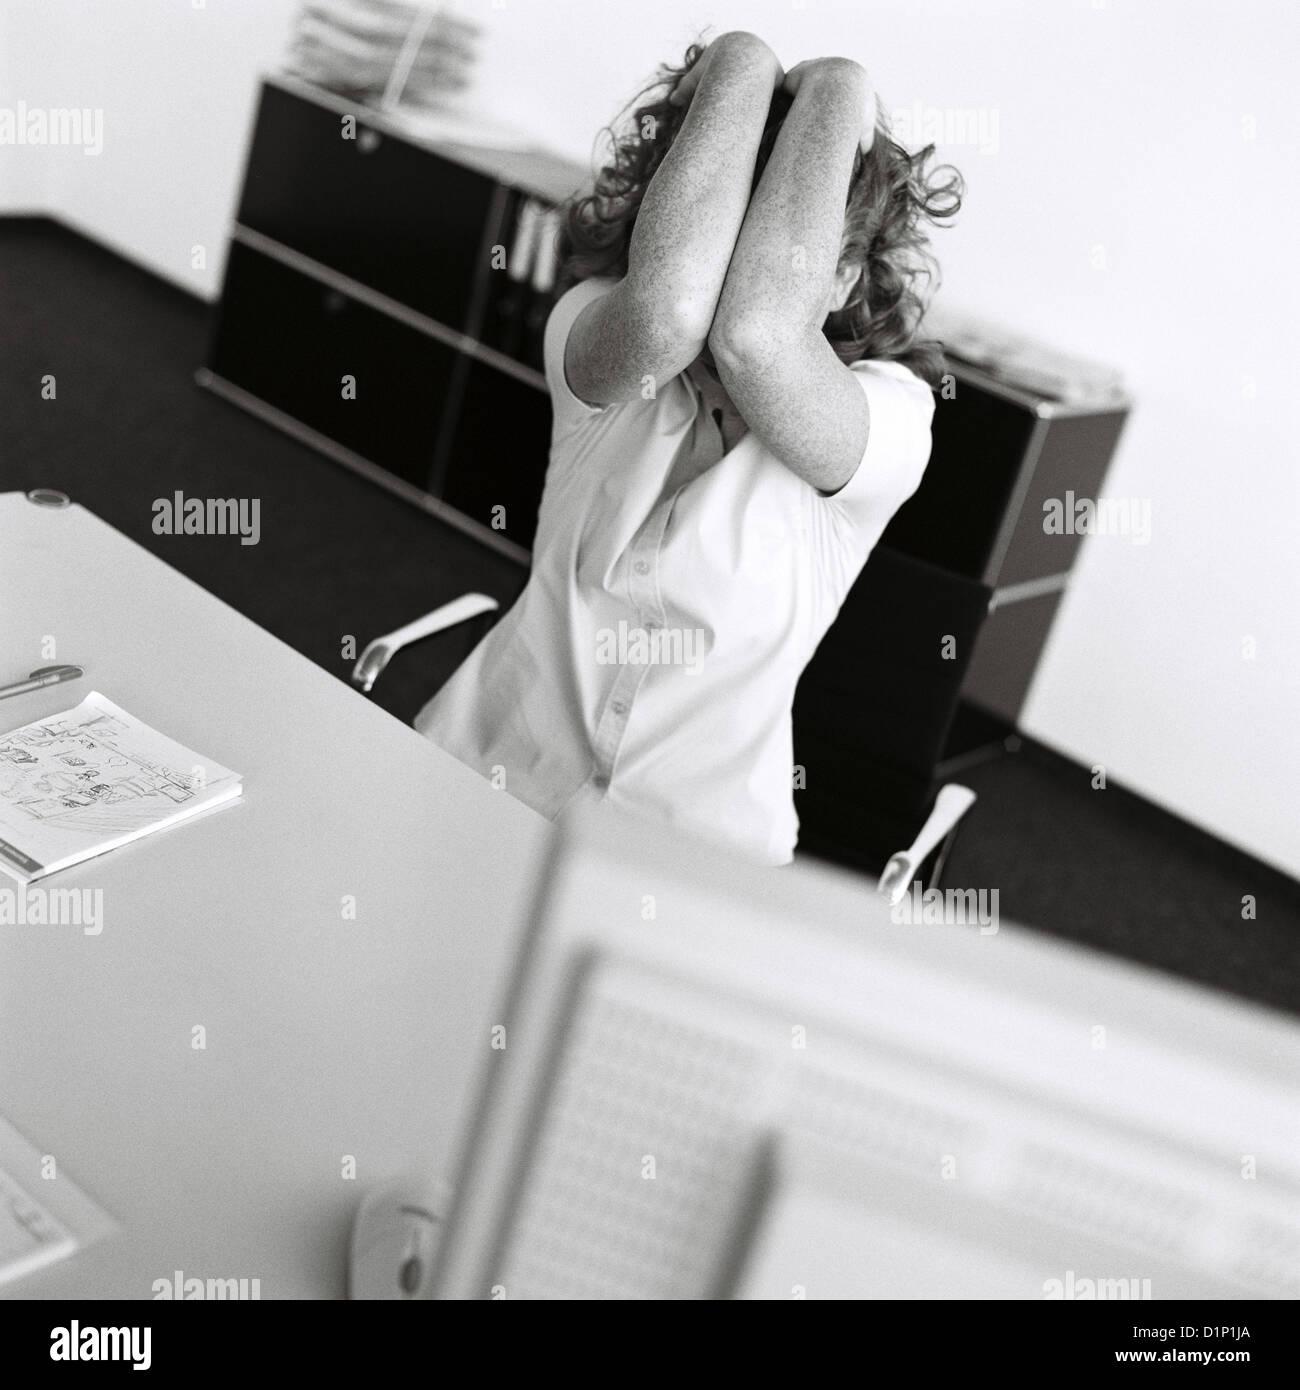 Gerente comercial en blanco y negro la frustración estrés empresaria destacó licencia gratis excepto Imagen De Stock